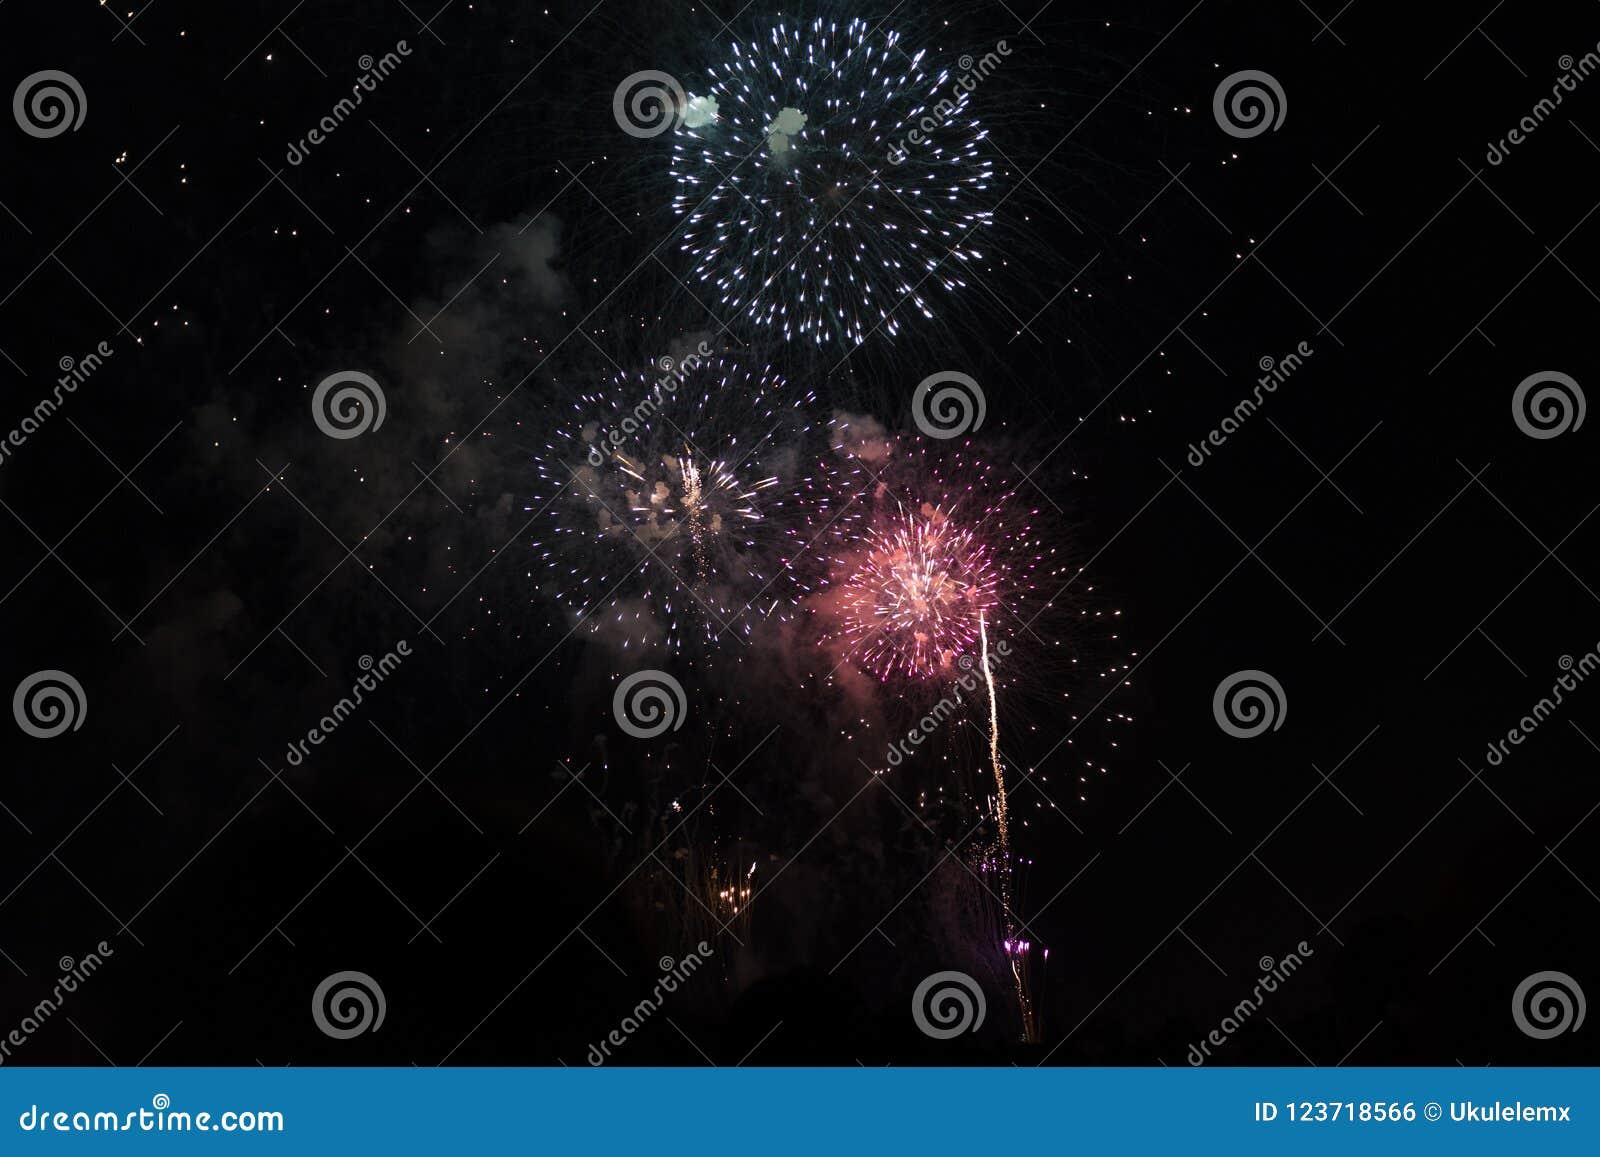 Veelvoudig Vuurwerk in nachthemel in een samenstelling in rood en witte schaduwen